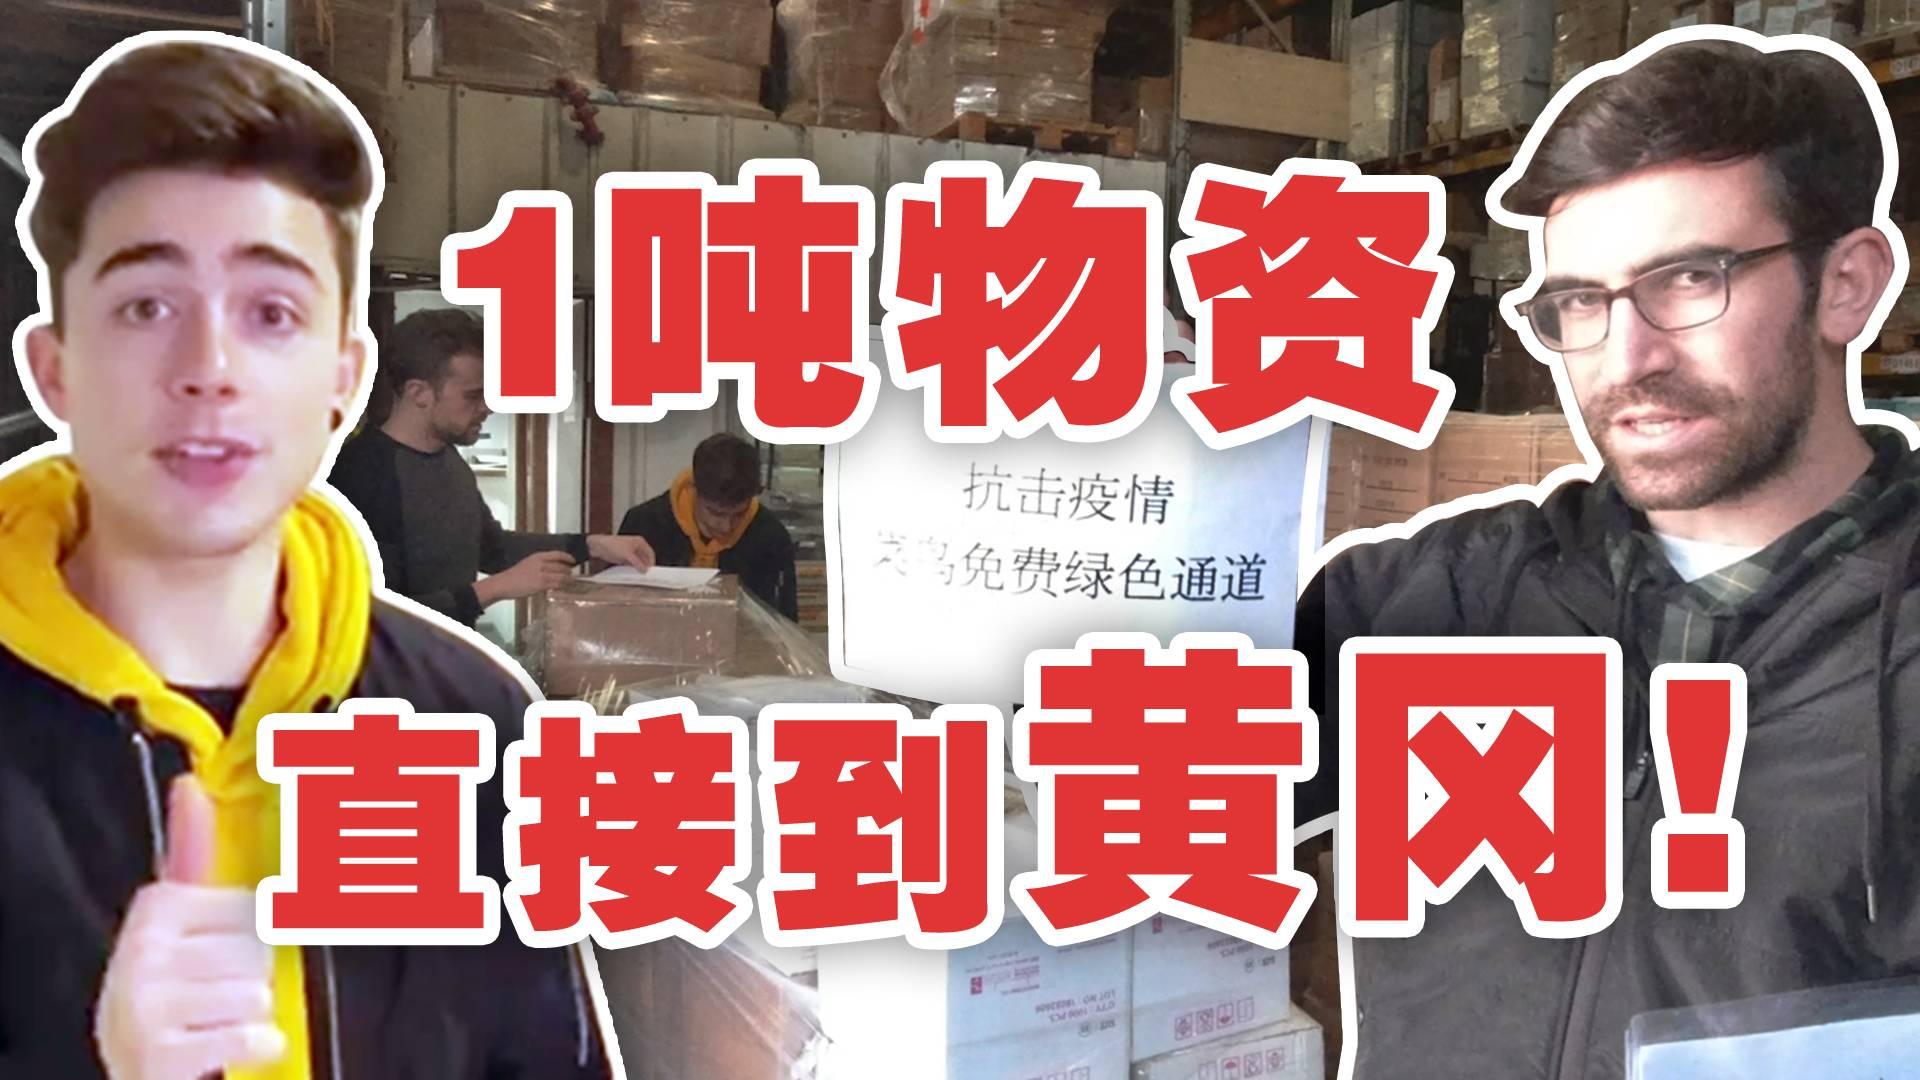 10万口罩从海外送到中国有多难?1吨医疗物资送往黄冈全记录